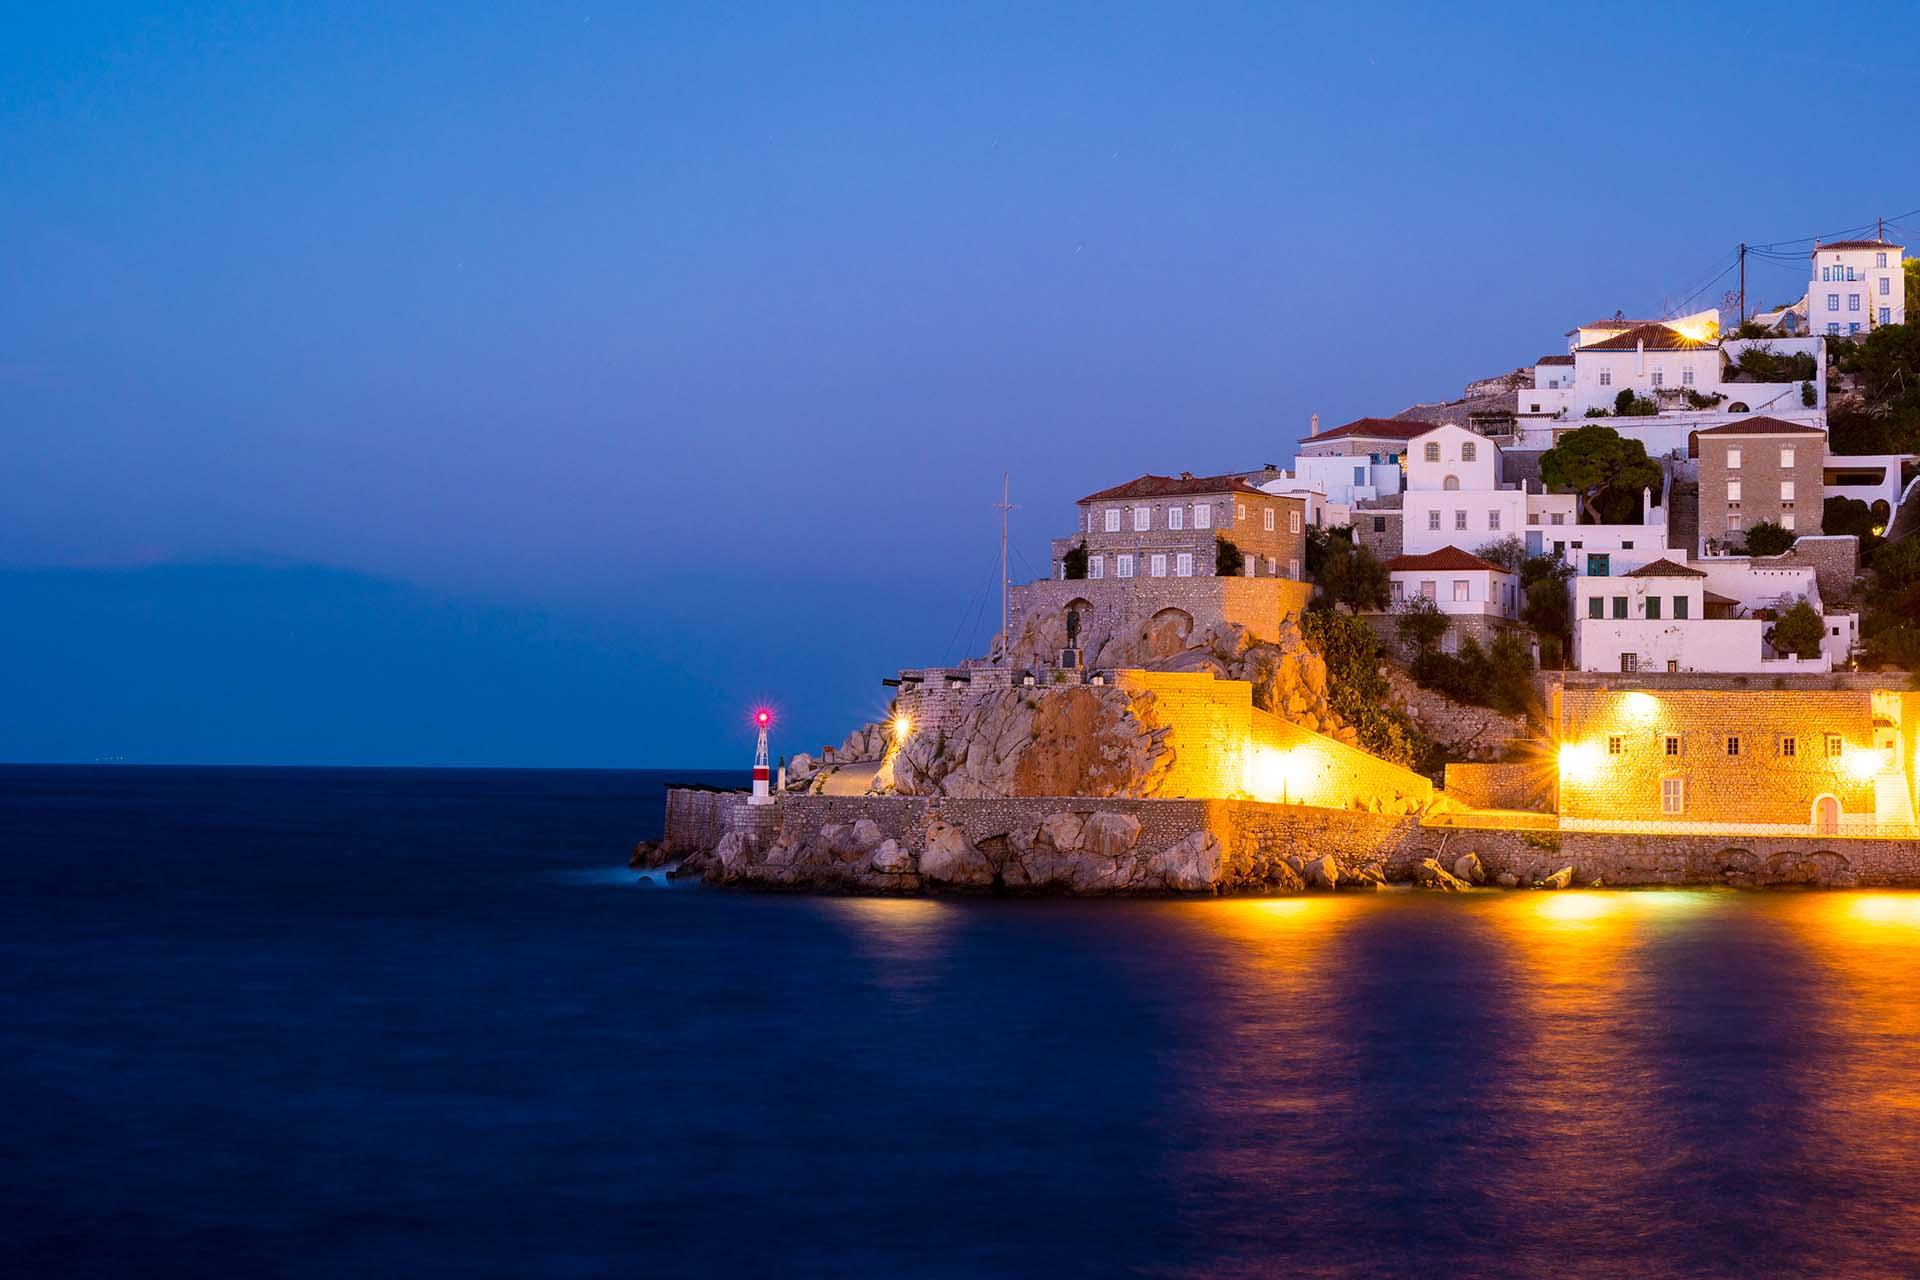 La impresionante Hidra es una de las pocas islas griegas que no tiene vehículos con ruedas. Ni autos. Ni scooters. Solo pequeñas calles empedradas de mármol, burros, rocas y mar